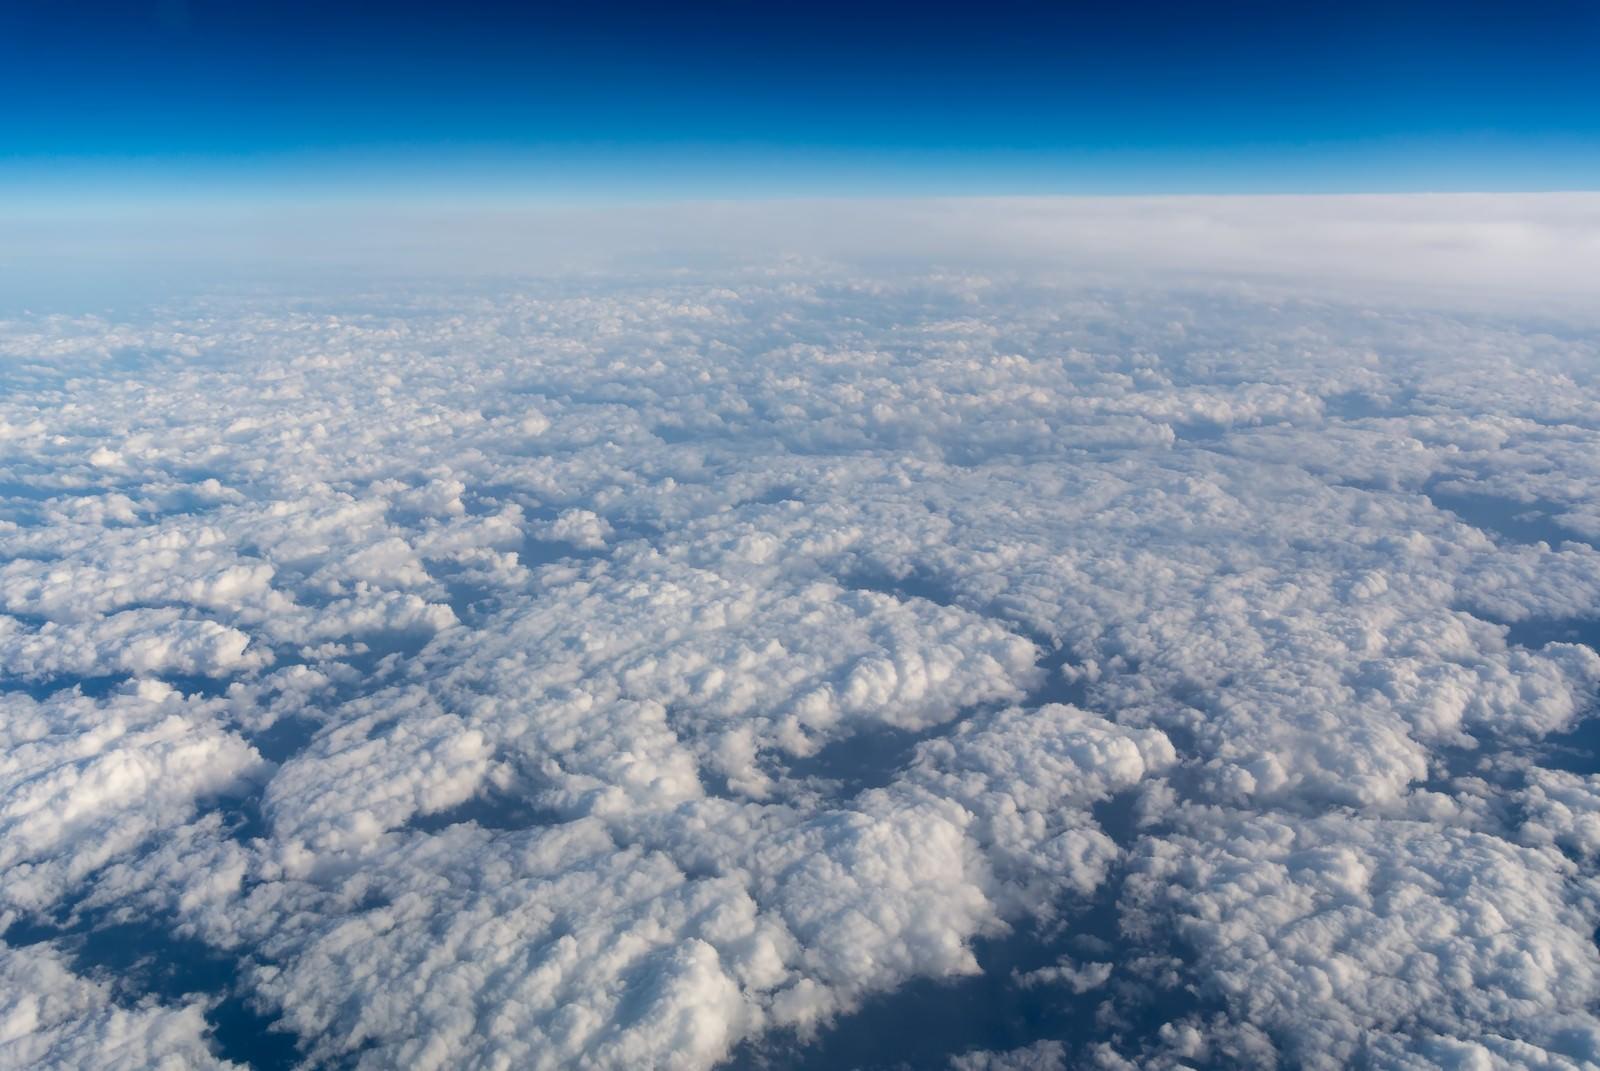 「眼下に広がる雲」の写真